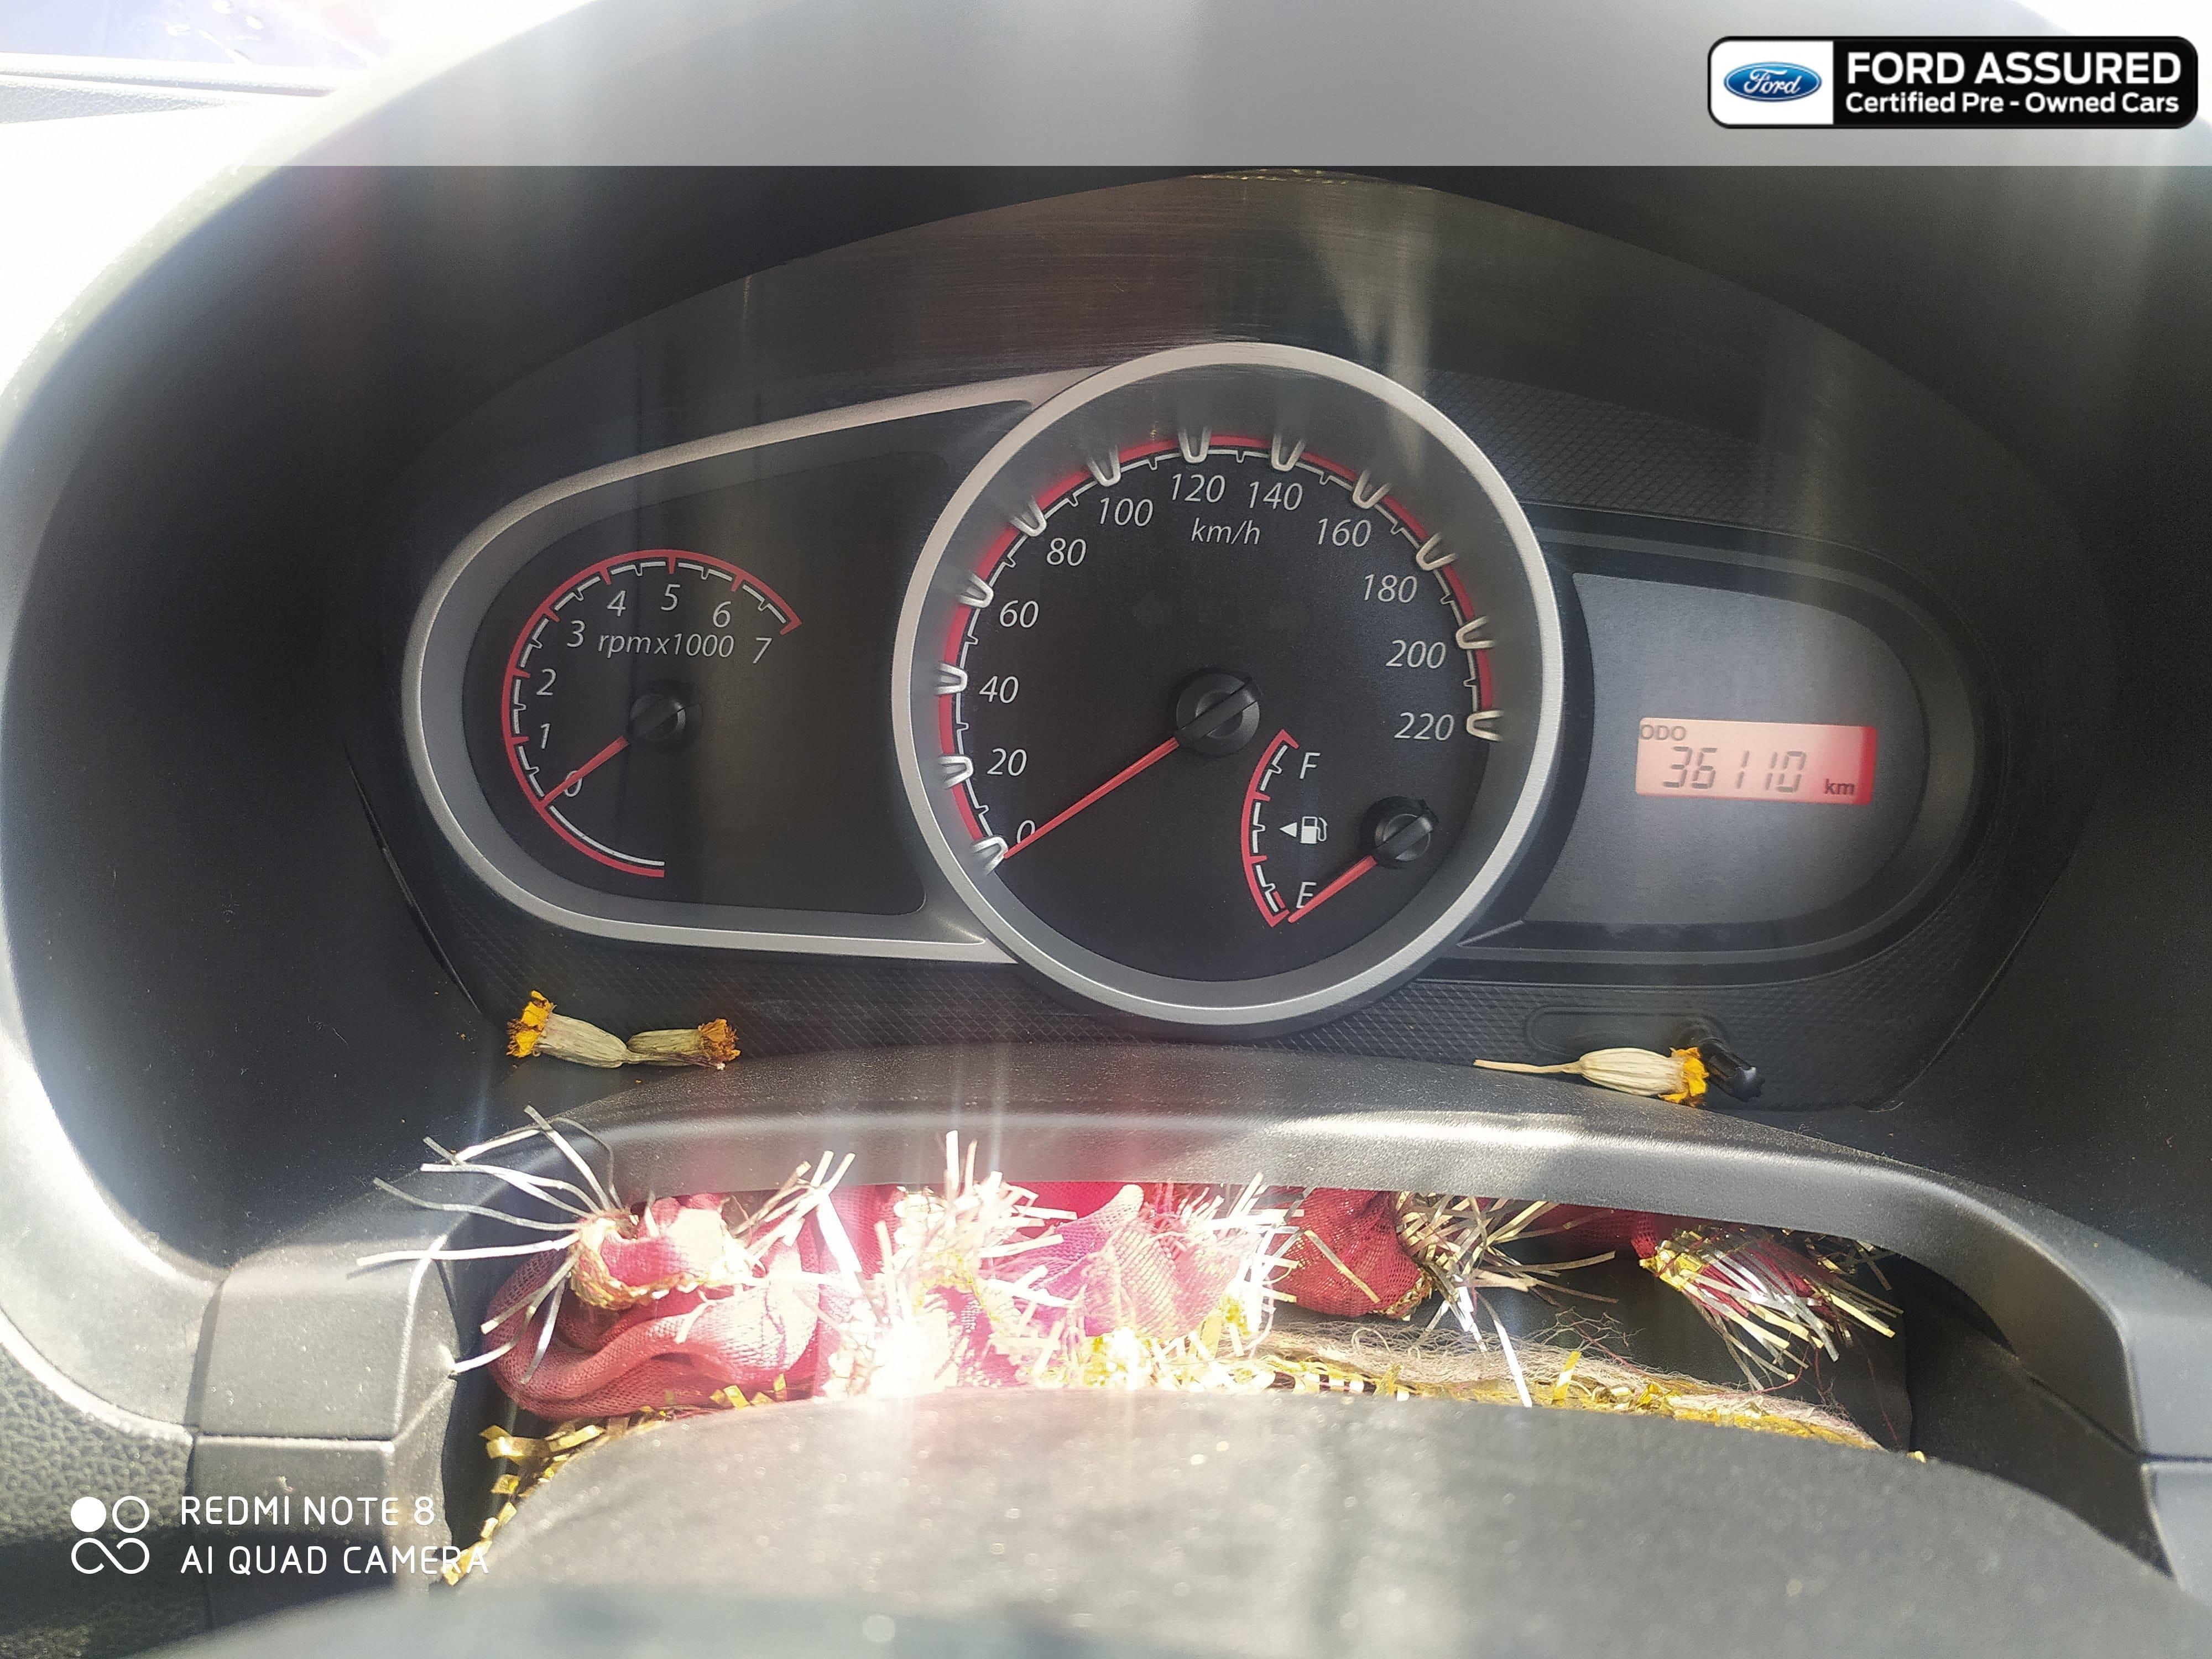 Ford Figo 2010-2012 Petrol ZXI